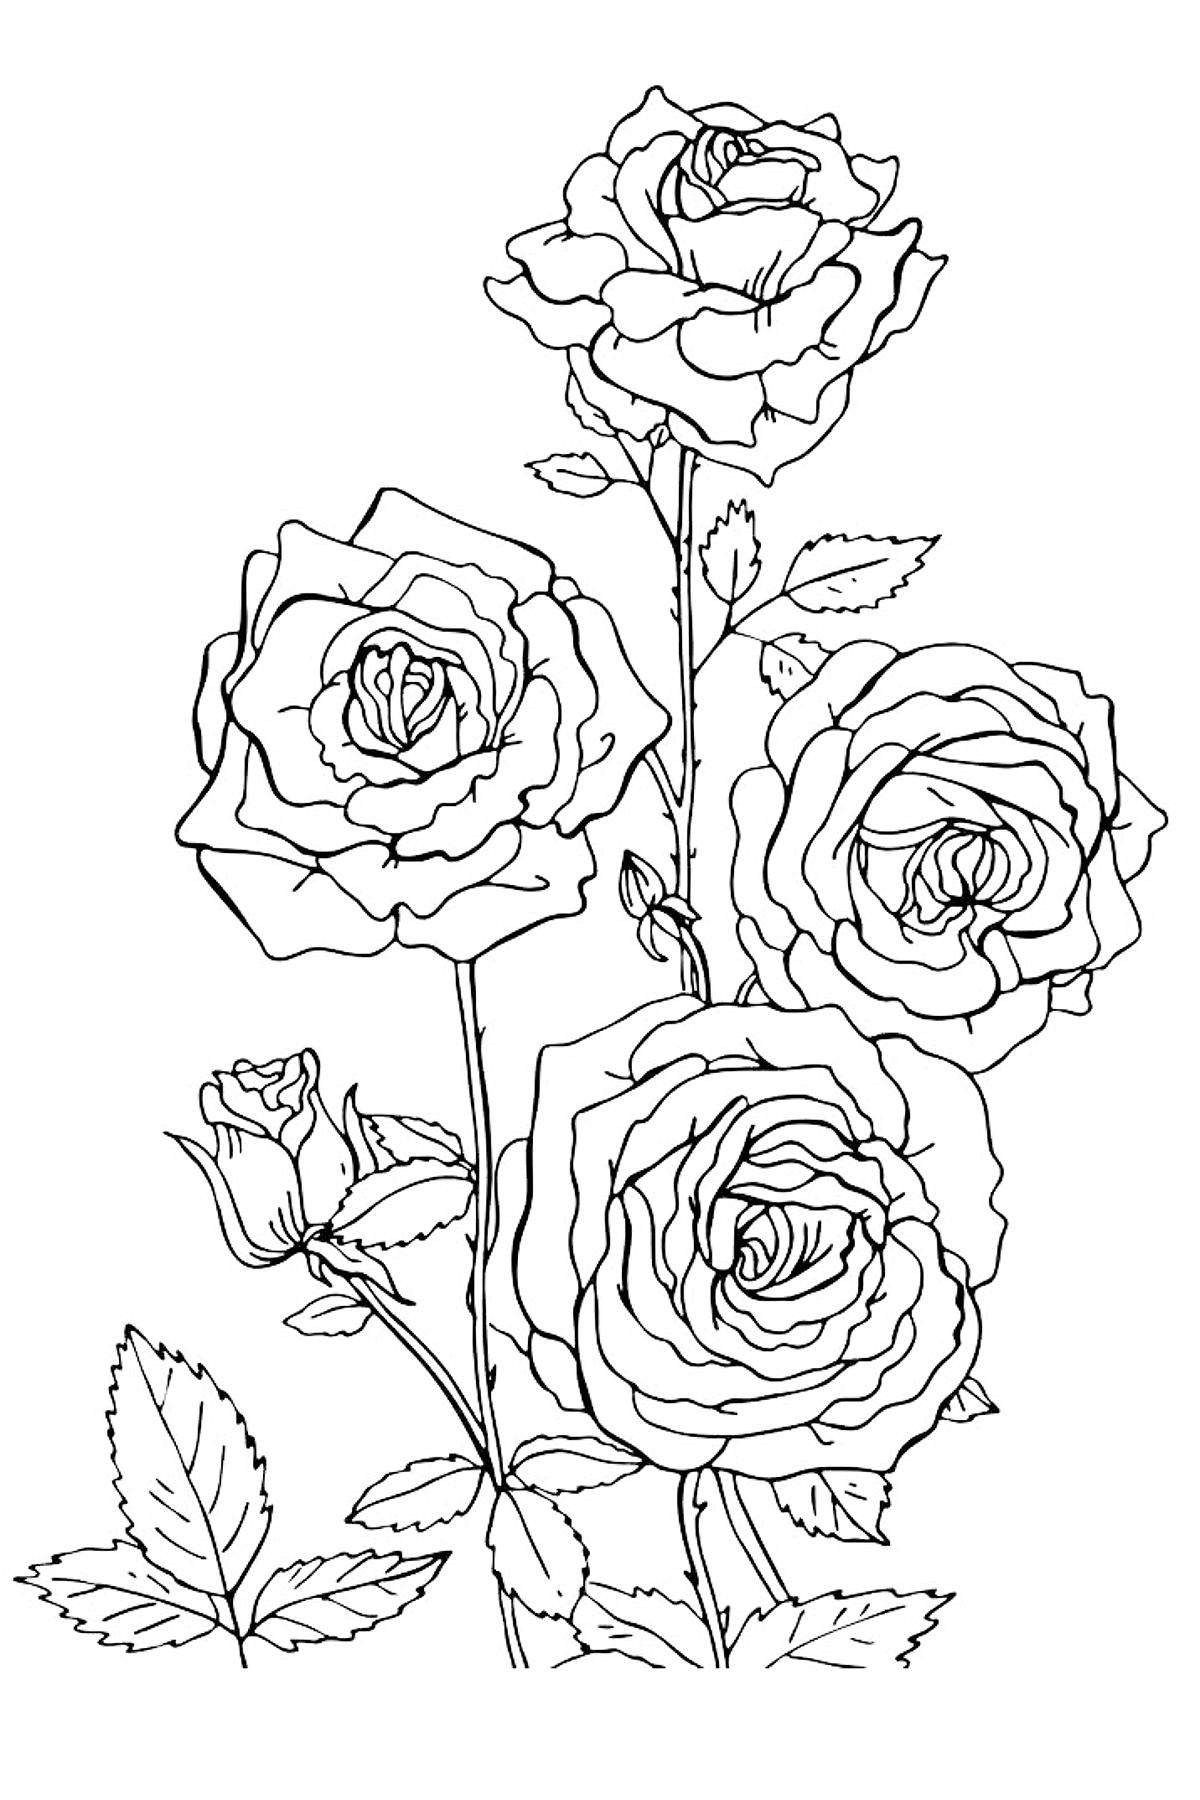 Раскраска Розы распечатать или скачать бесплатно